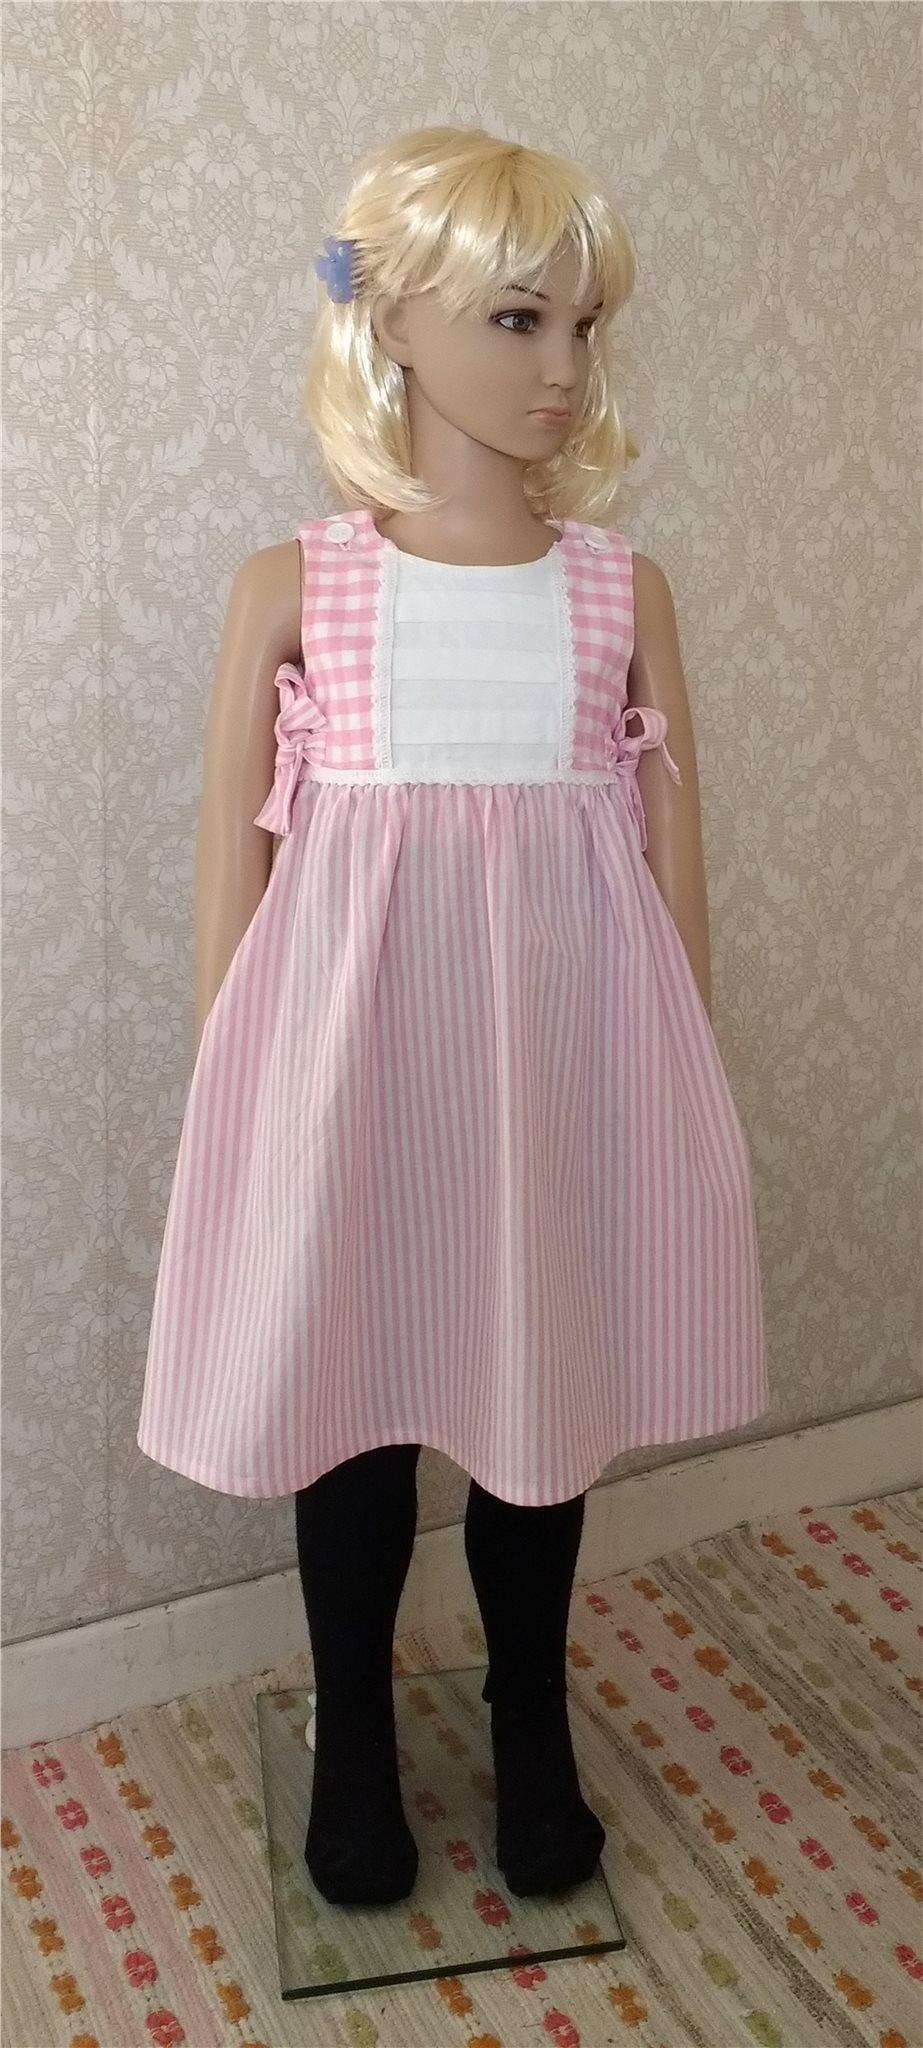 54f0b7f4c1dc Flickklänning 110 cl, barnklänning, sommarklänning, hantverk, klänning  Flickklänning ...